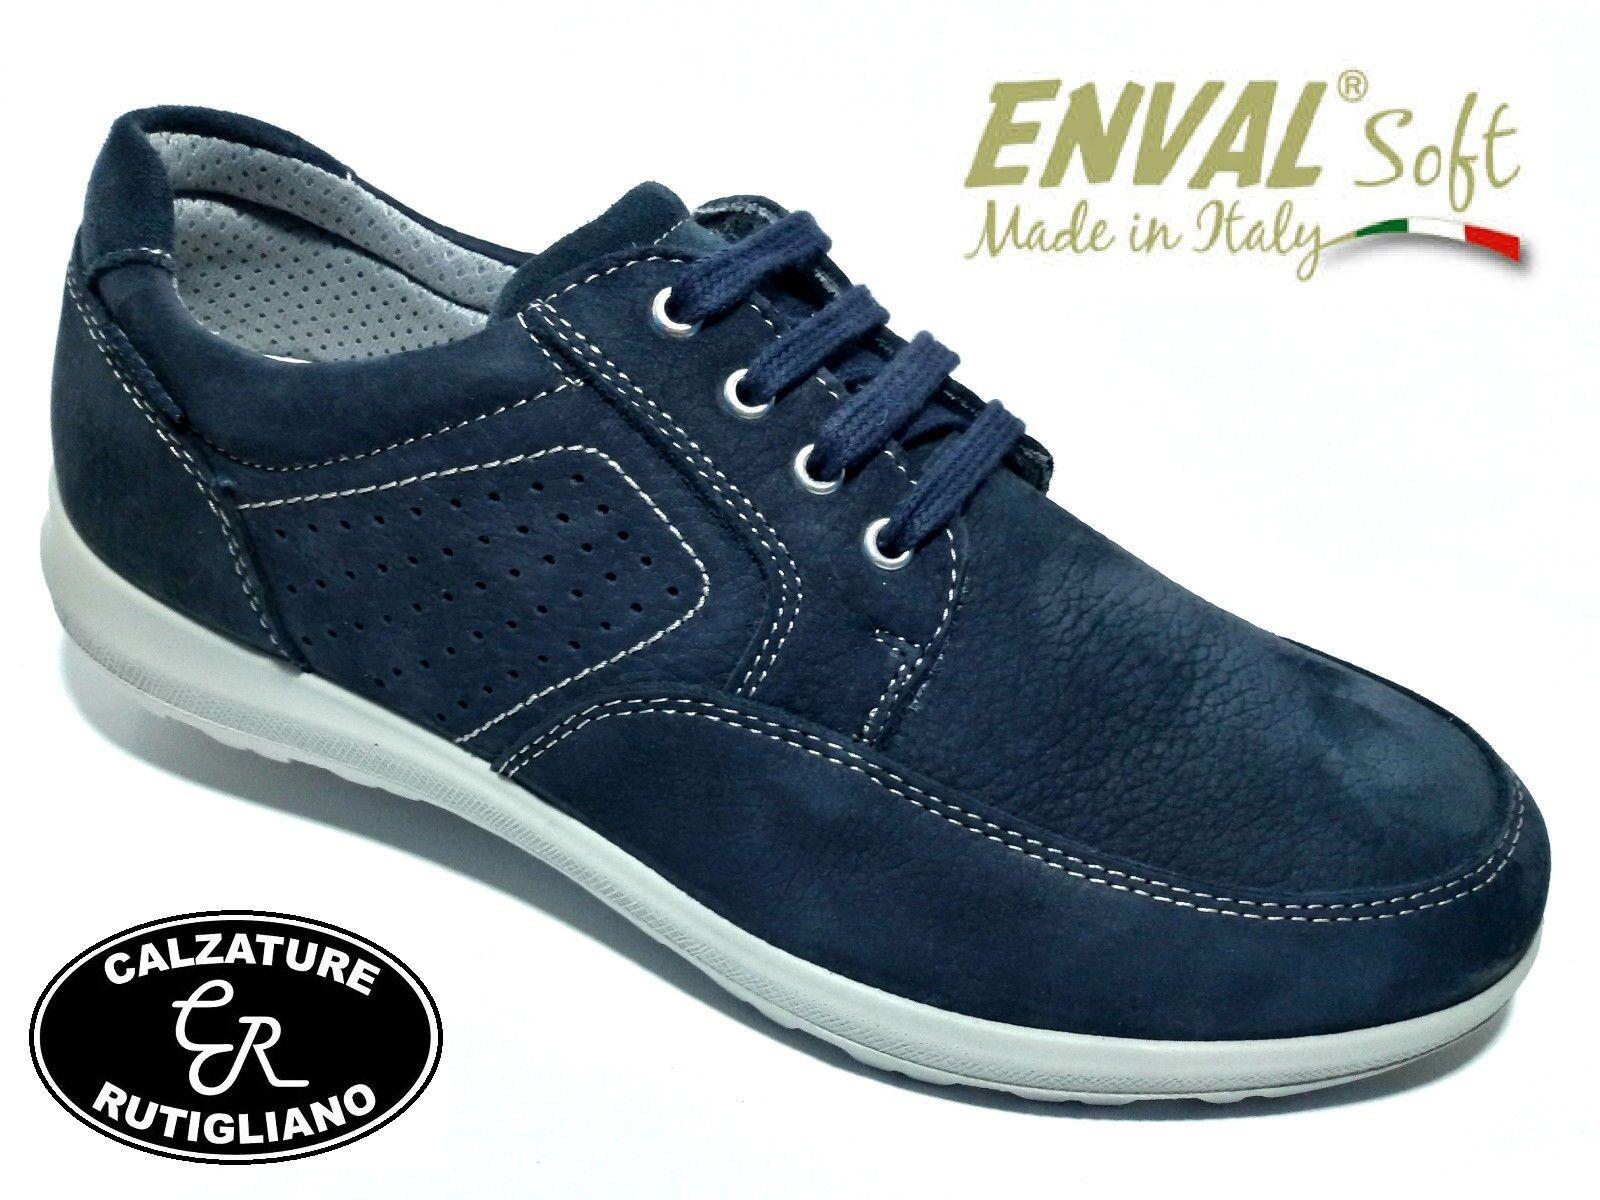 ENVAL SOFT chaussures hommes Décontracté PELLE NABUK bleu EXTRA large LINEA COMODA - 58871